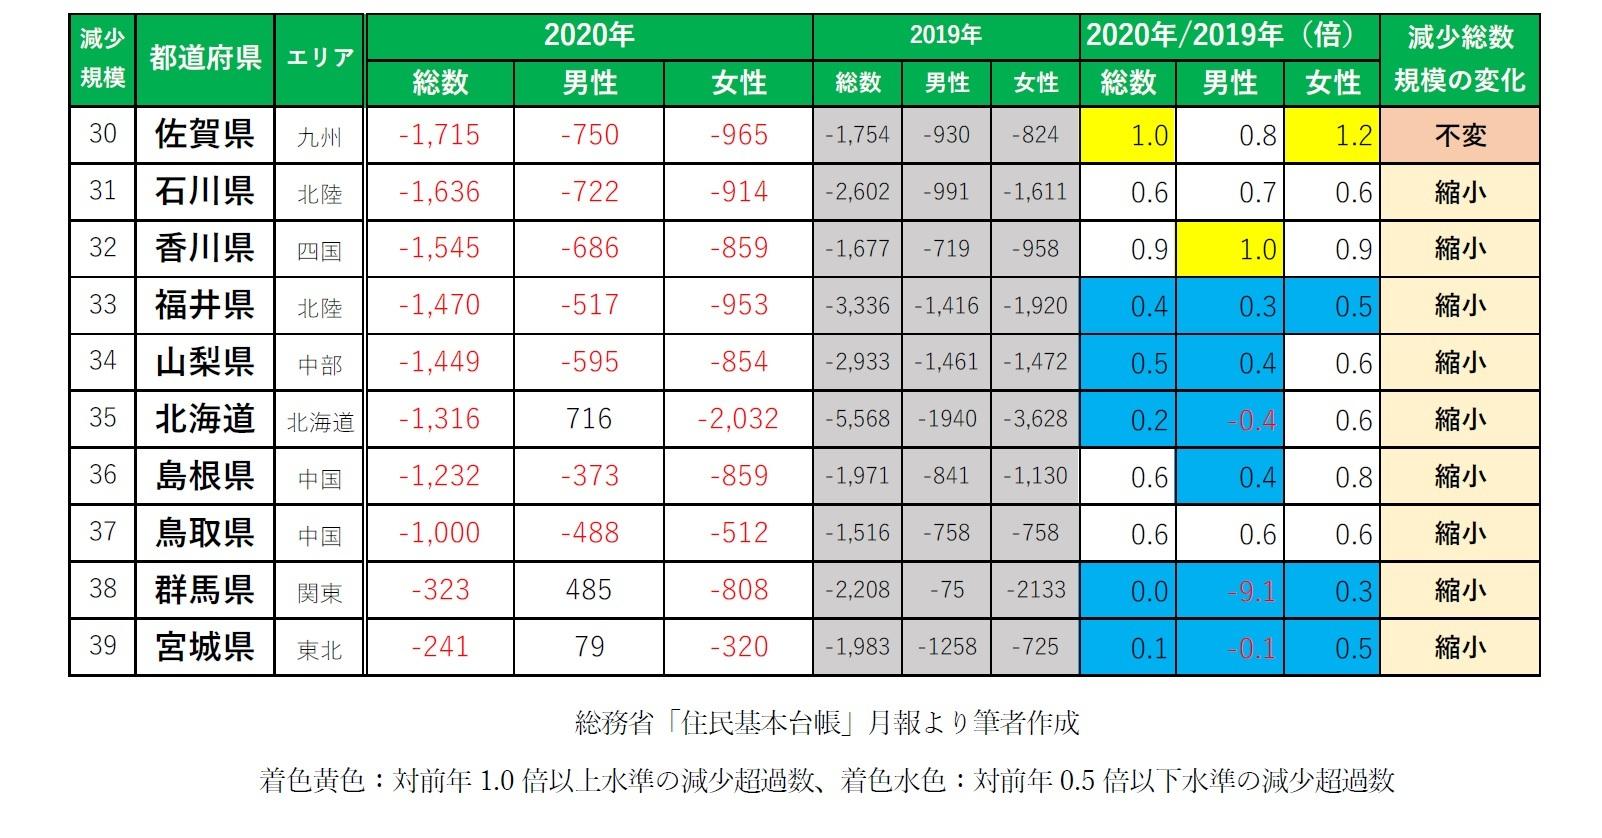 【図表1-2】2020年 社会移動による「人口減少エリア」都道府県ランキング(人・倍)